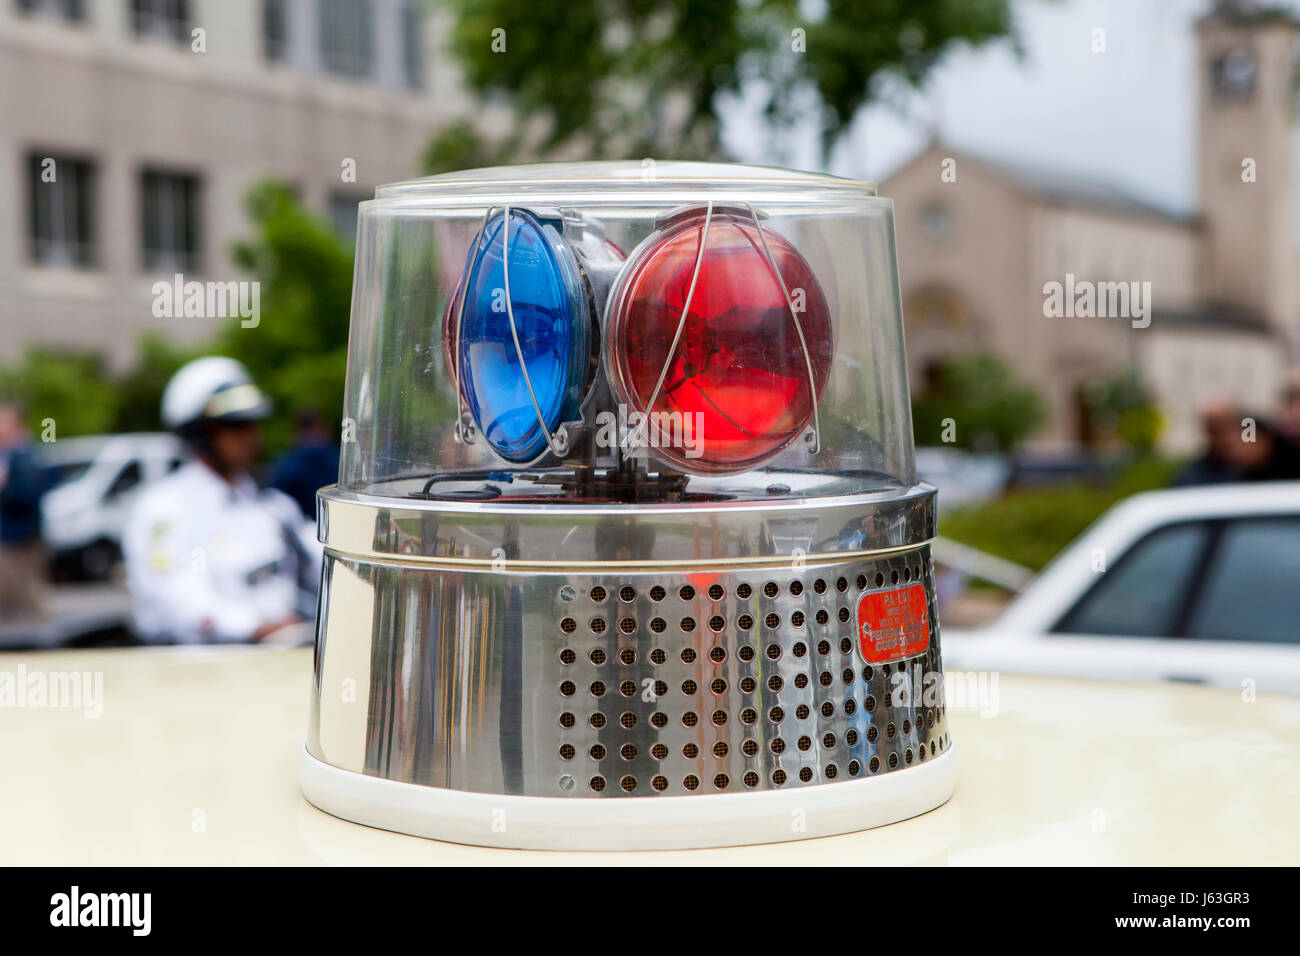 vintage police car stock photos vintage police car stock images alamy. Black Bedroom Furniture Sets. Home Design Ideas